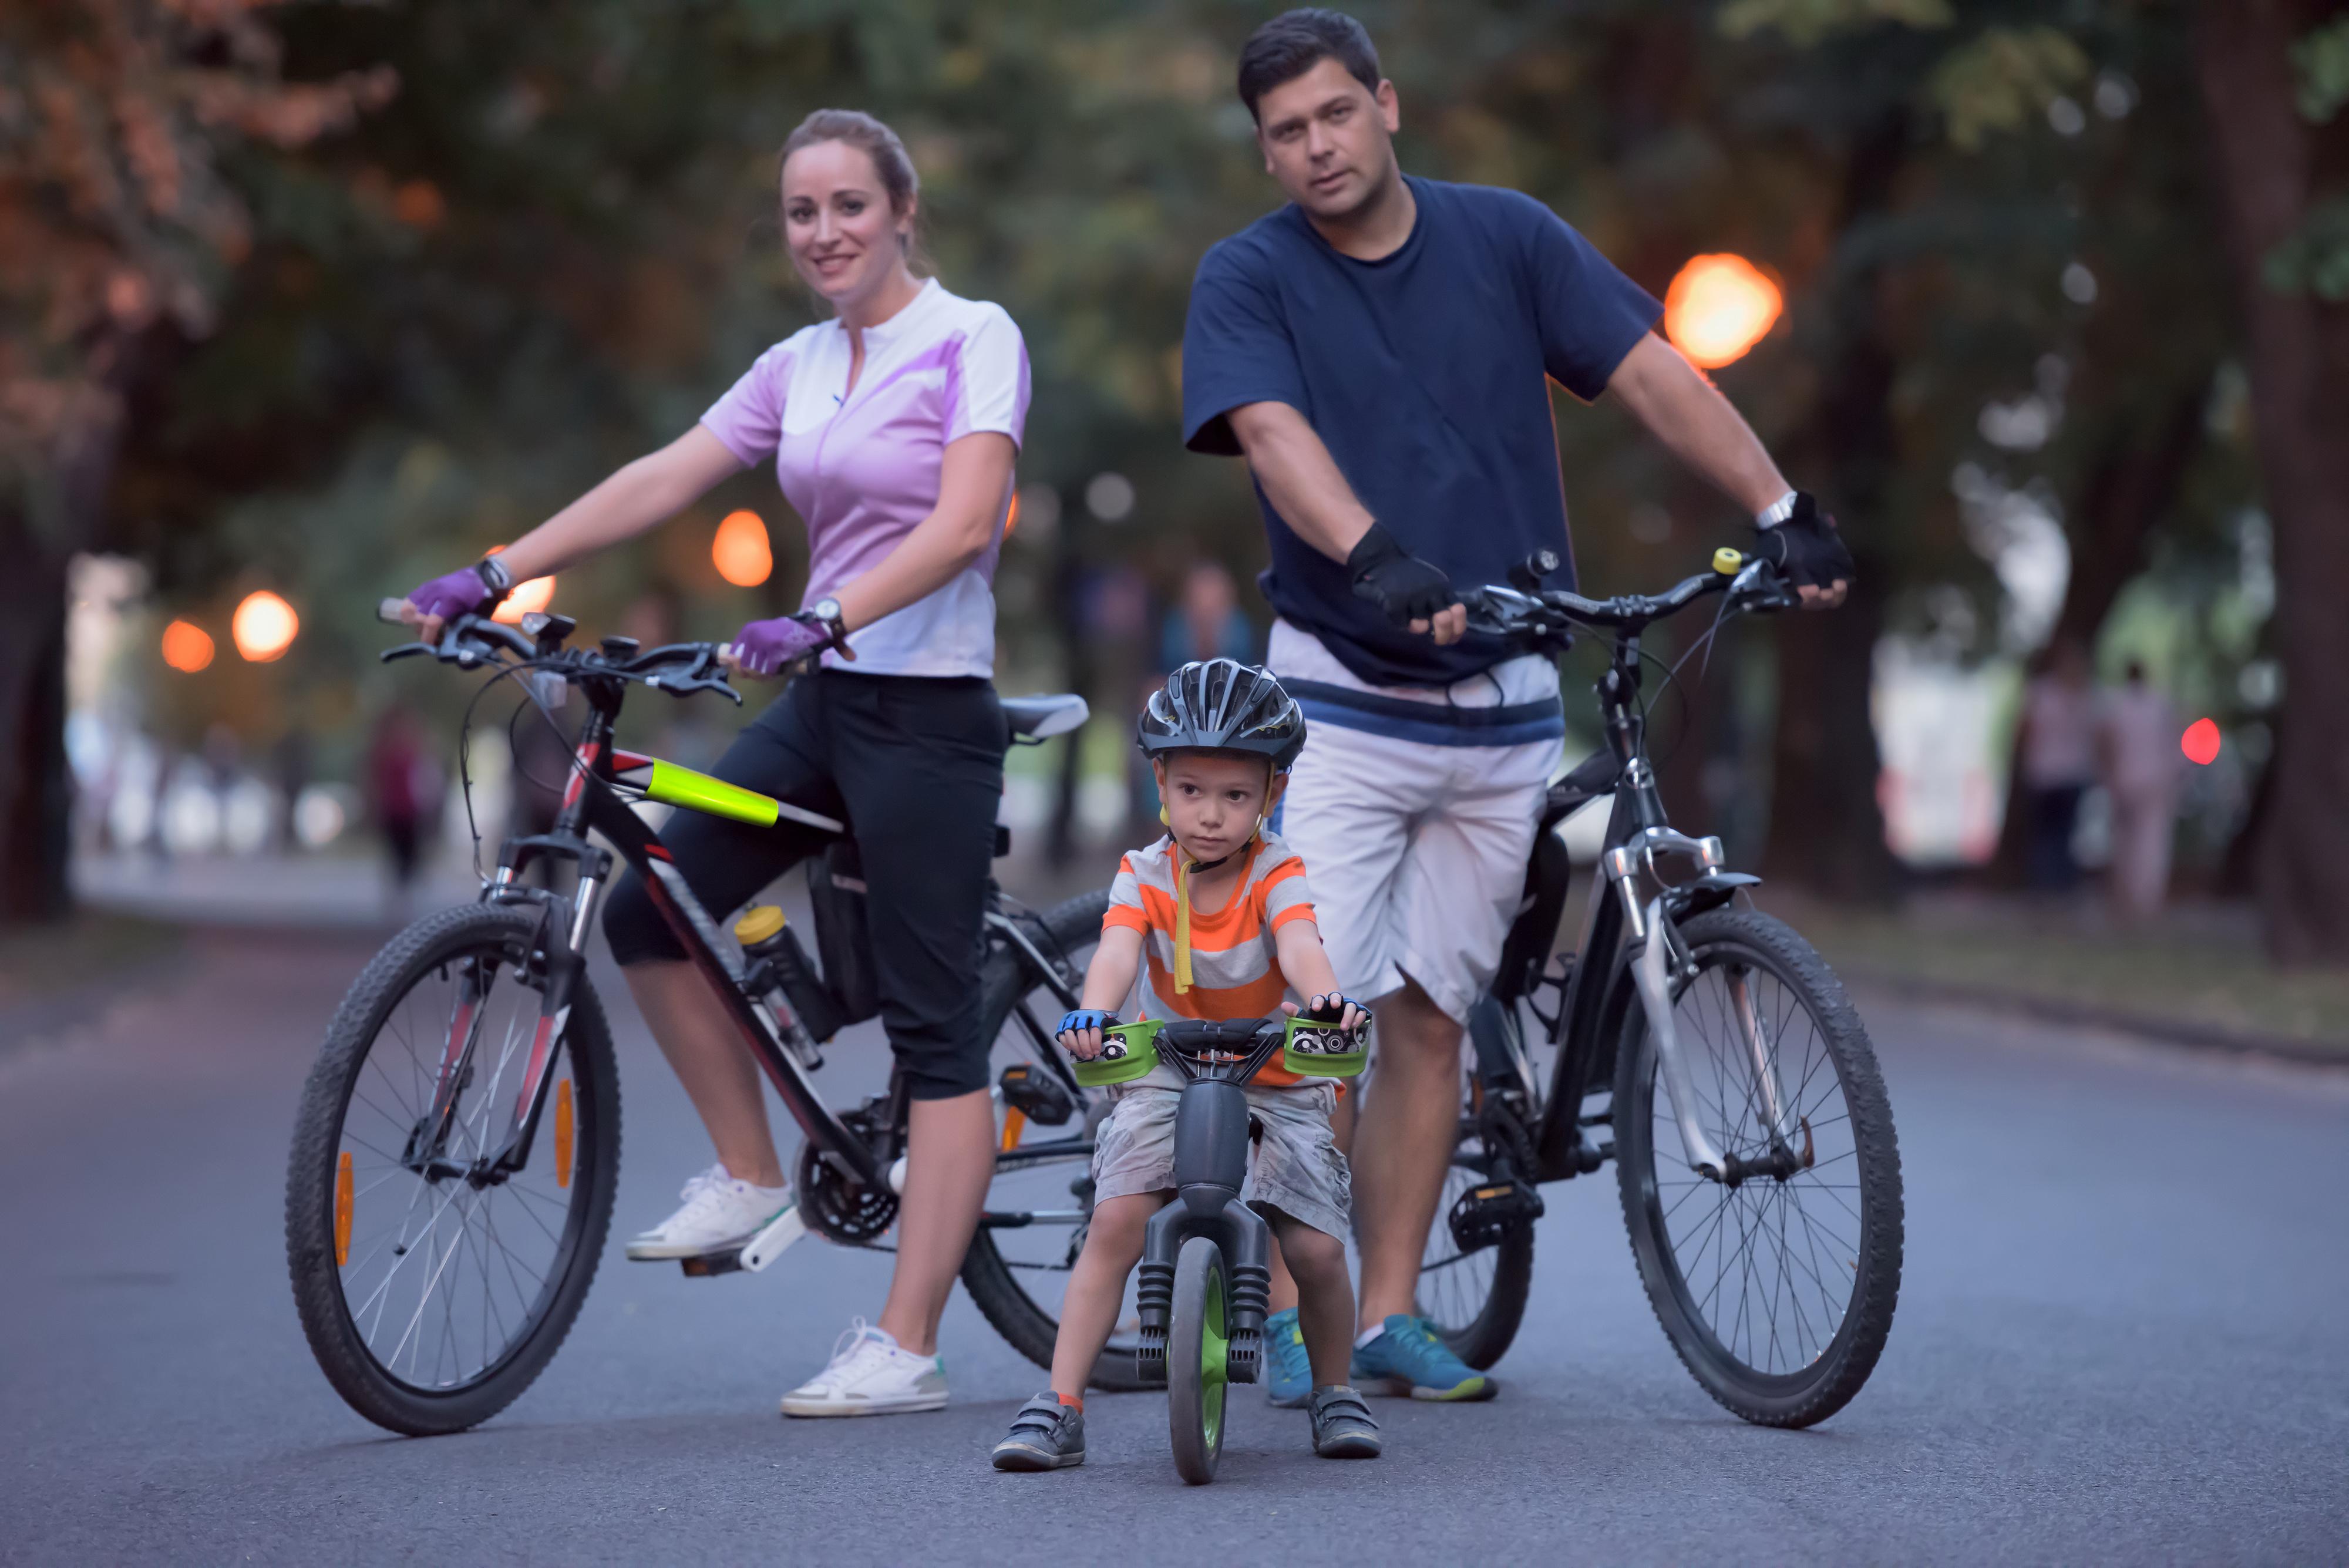 szczęśliwa rodzina na rowerach wyposażonych w odblaski